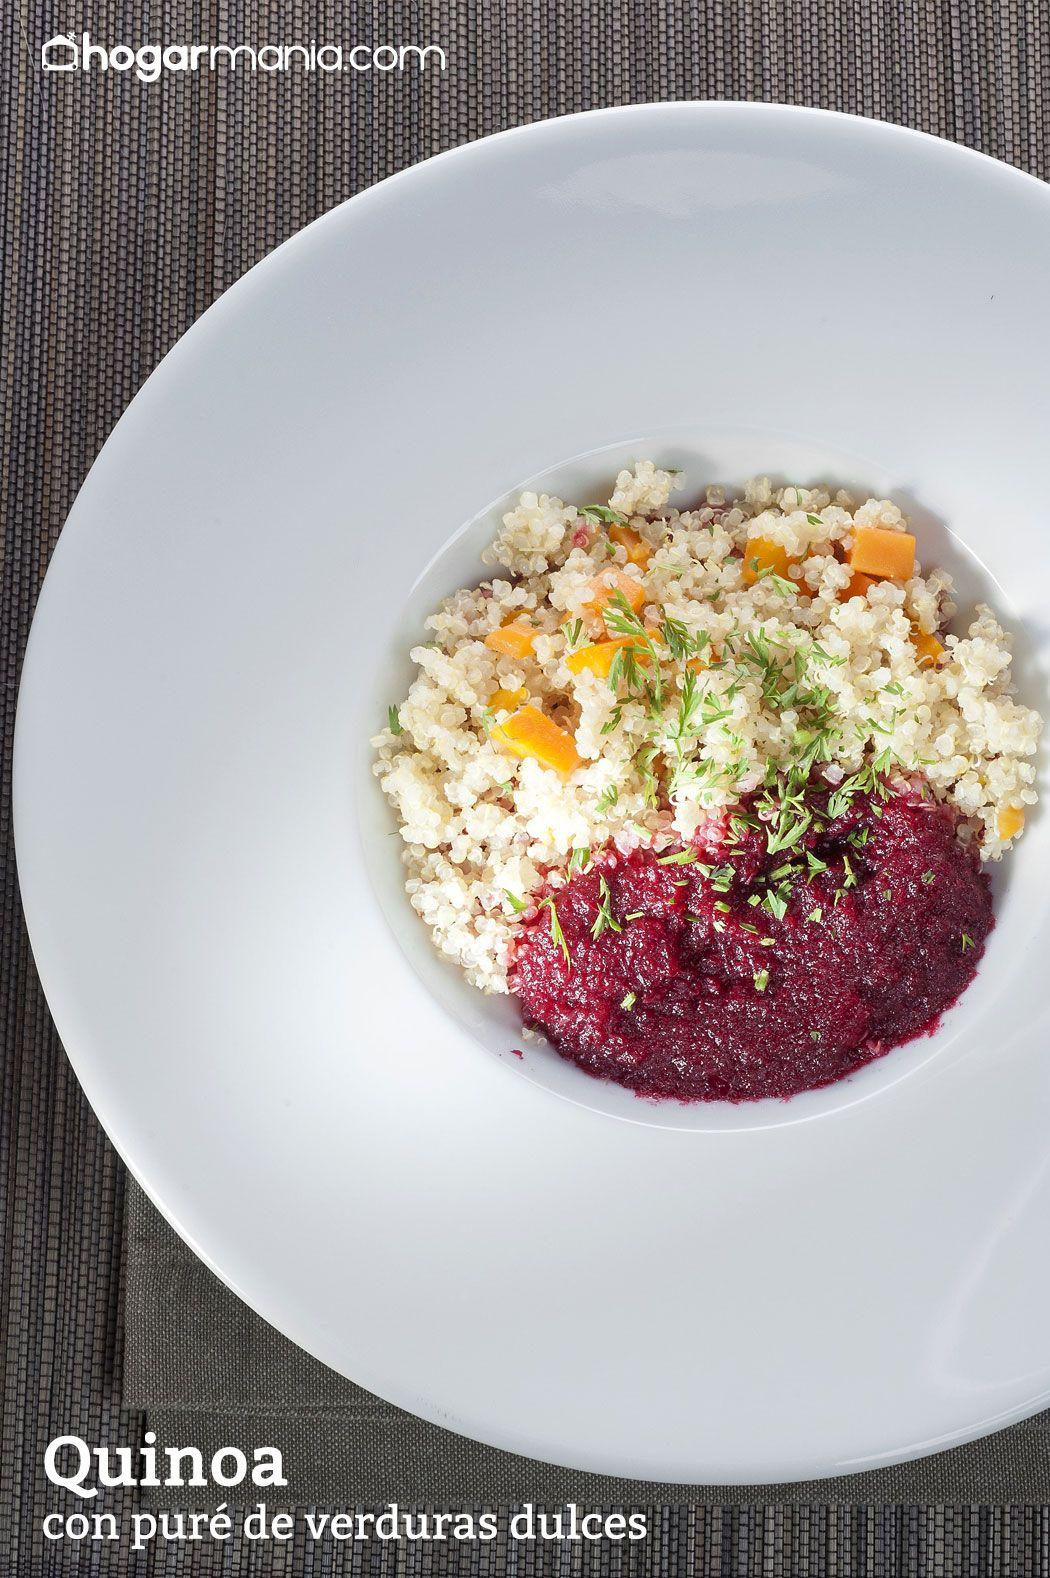 Quinoa con puré de verduras dulces